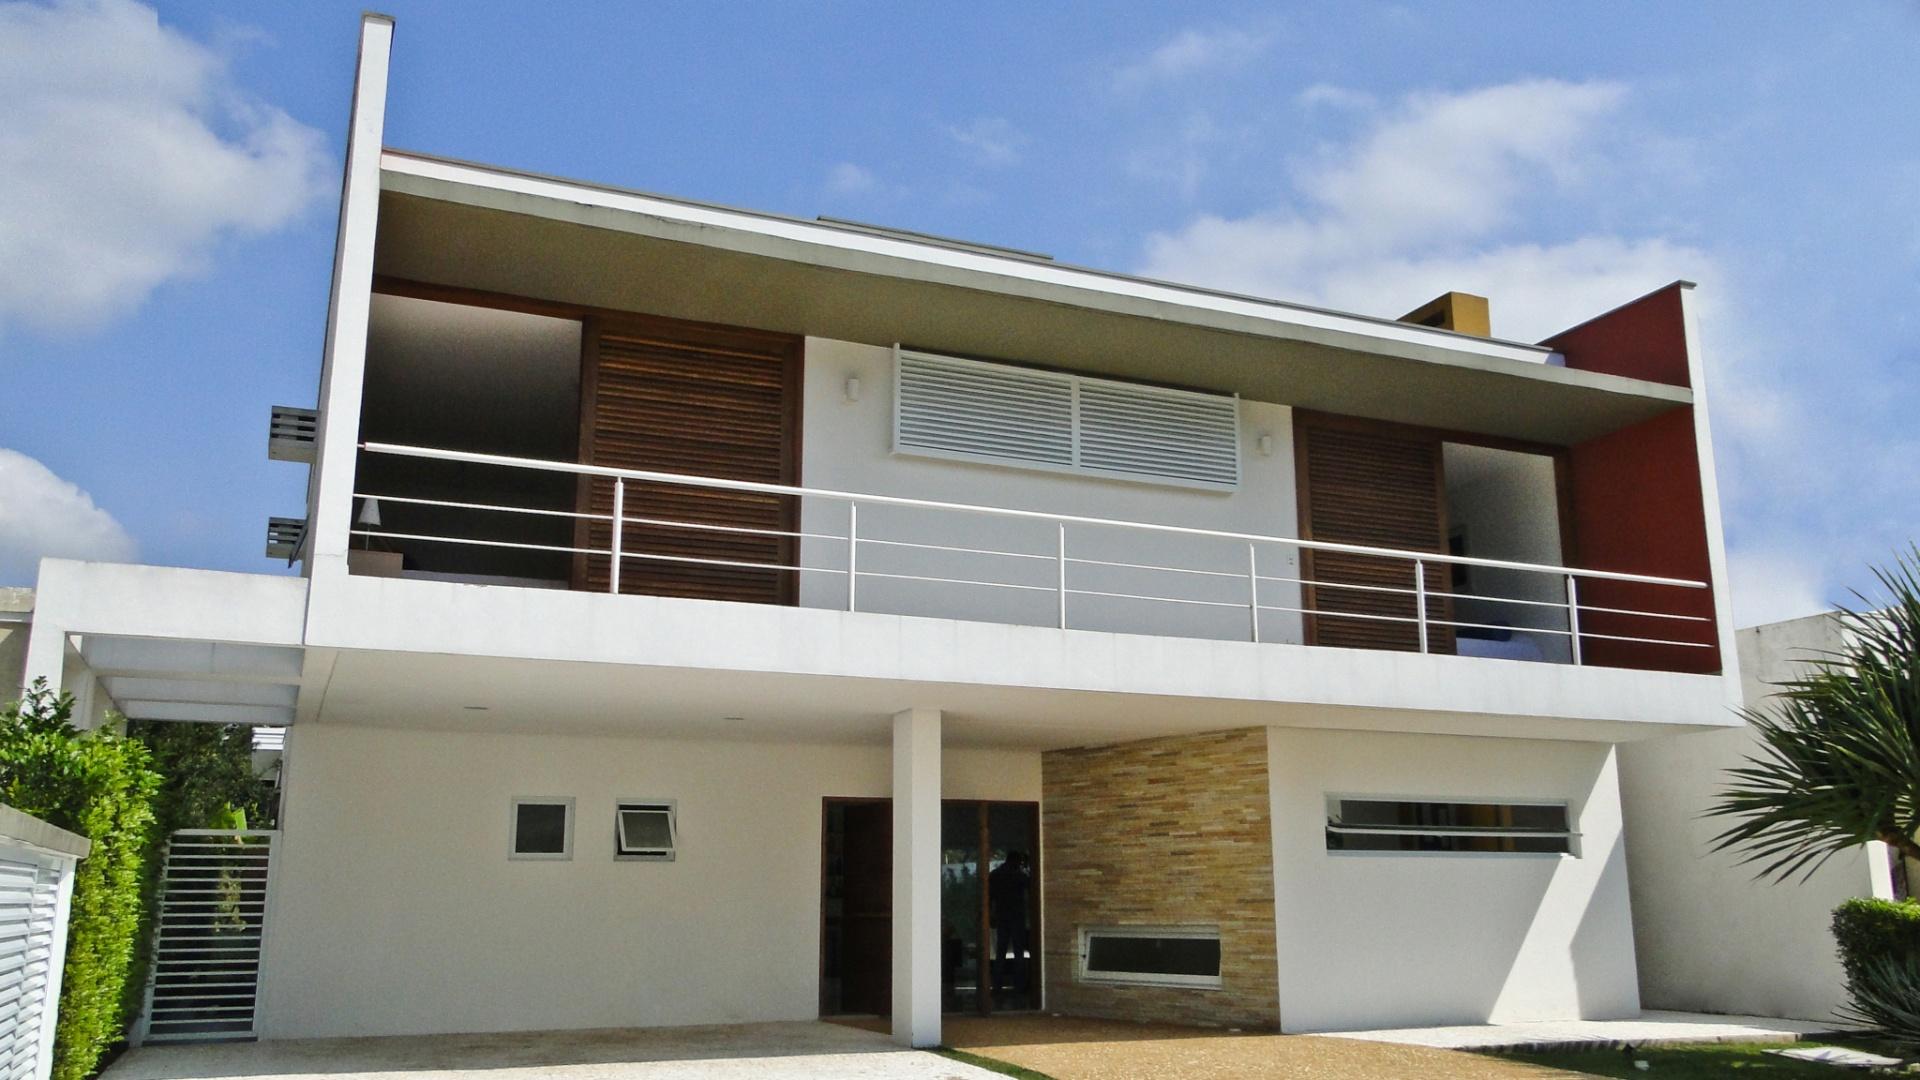 Fachadas de casas modernas com telhado embutido e - Modelo de casa modernas ...